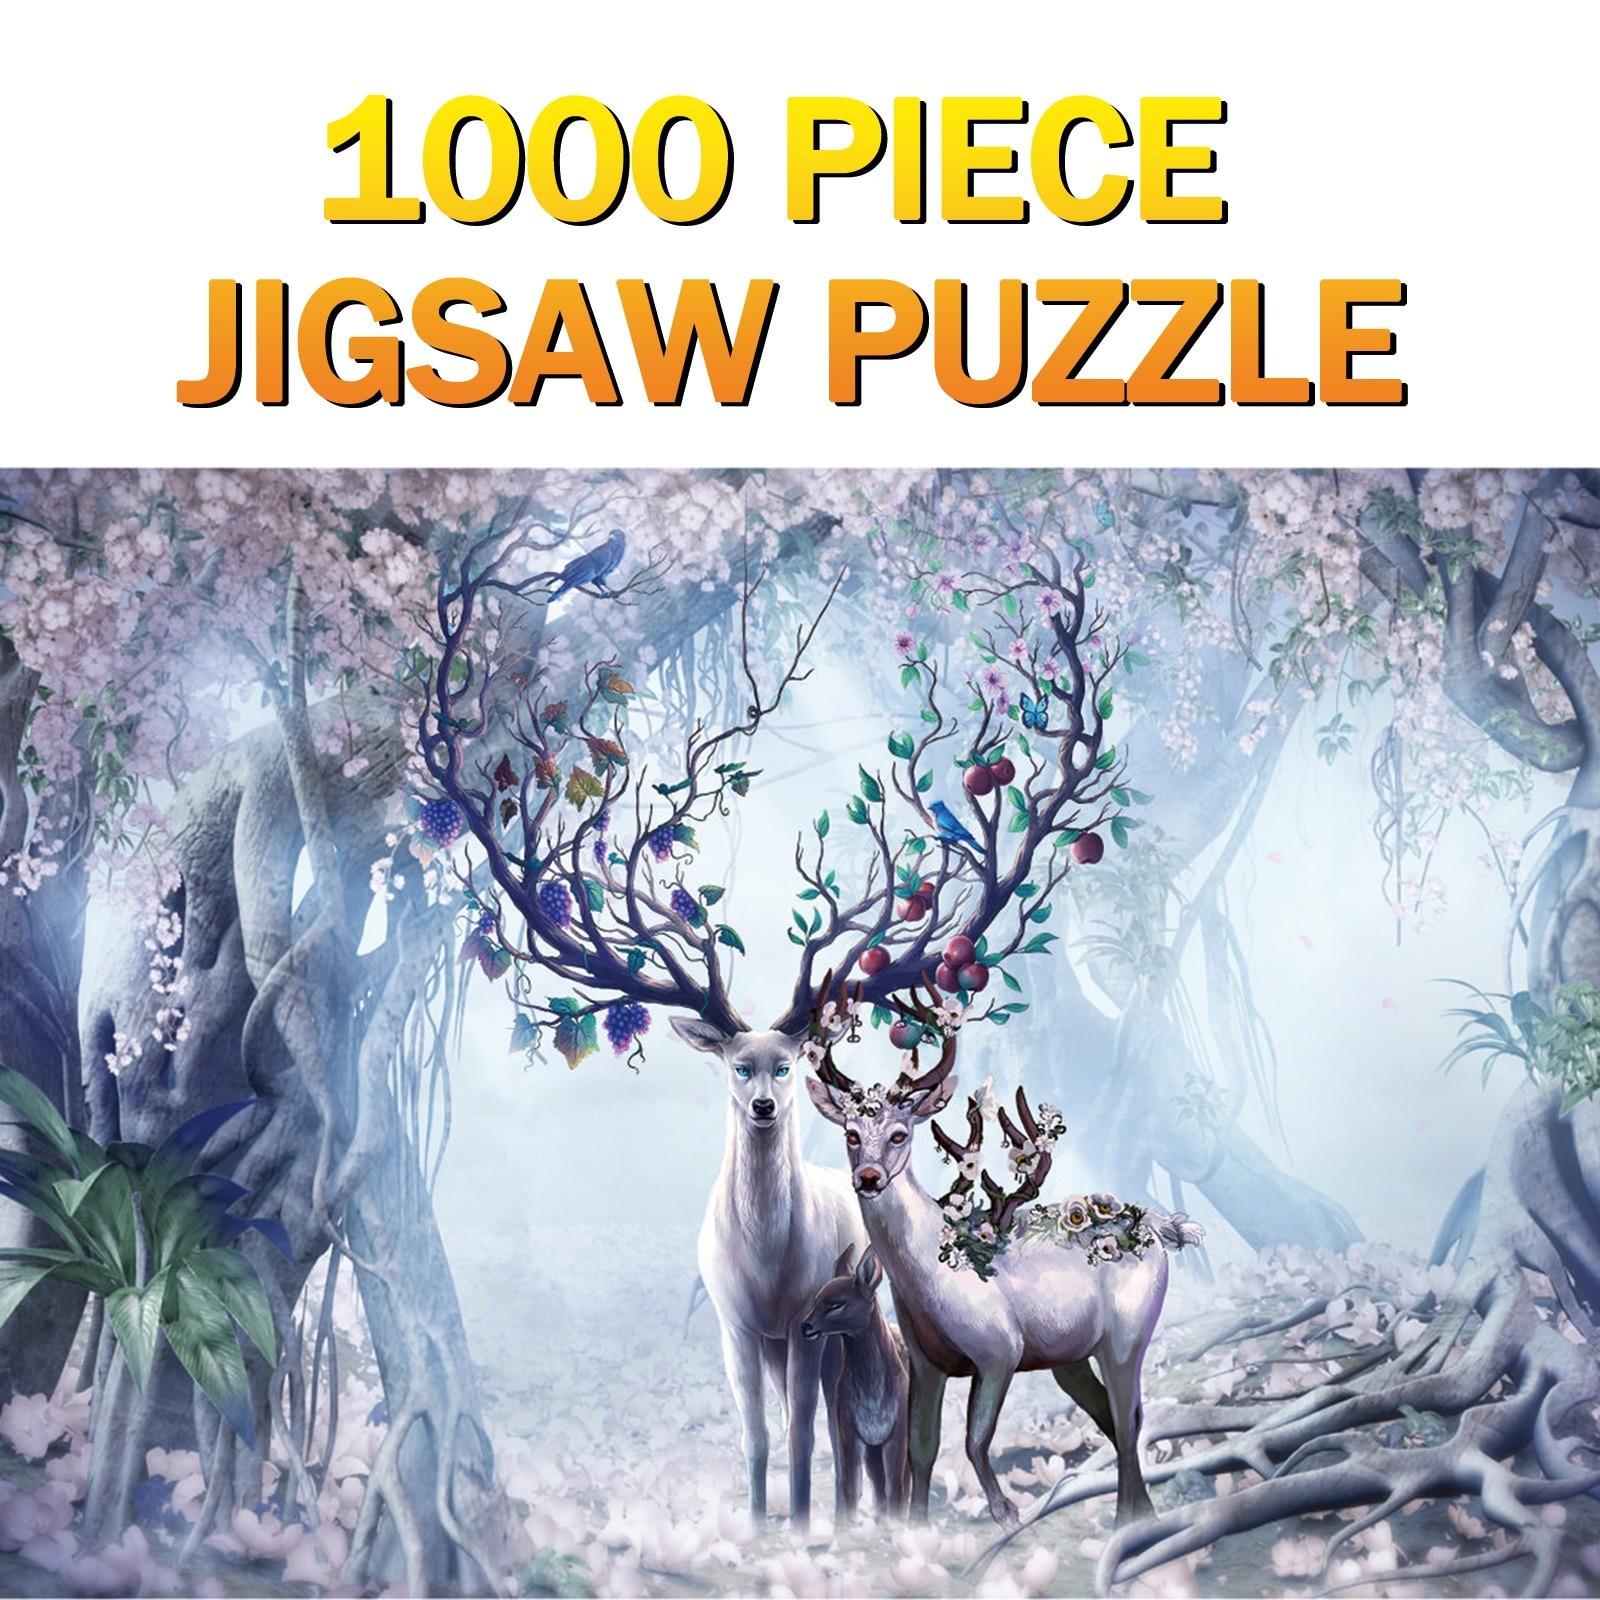 1000 elk padrão peça puzzle casa decoração presentes ntelligence desenvolvimento brinquedo educacional presente do feriado para crianças brinquedos